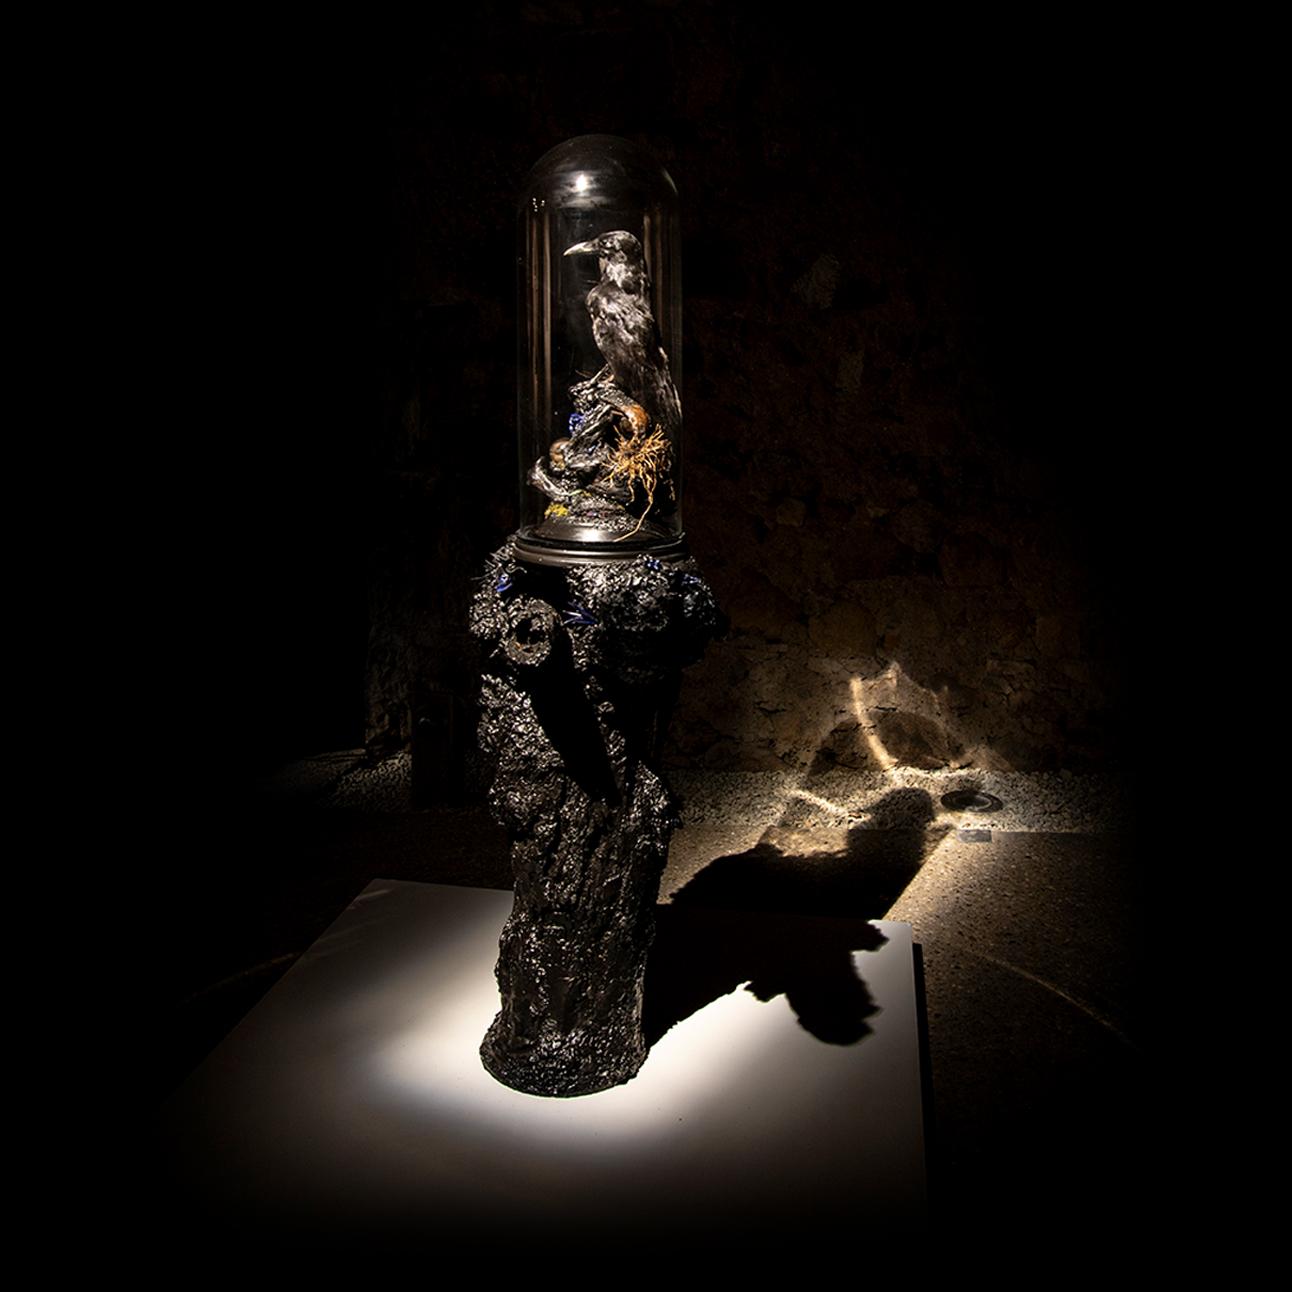 Svenja Kratz: Memento Mori, Death